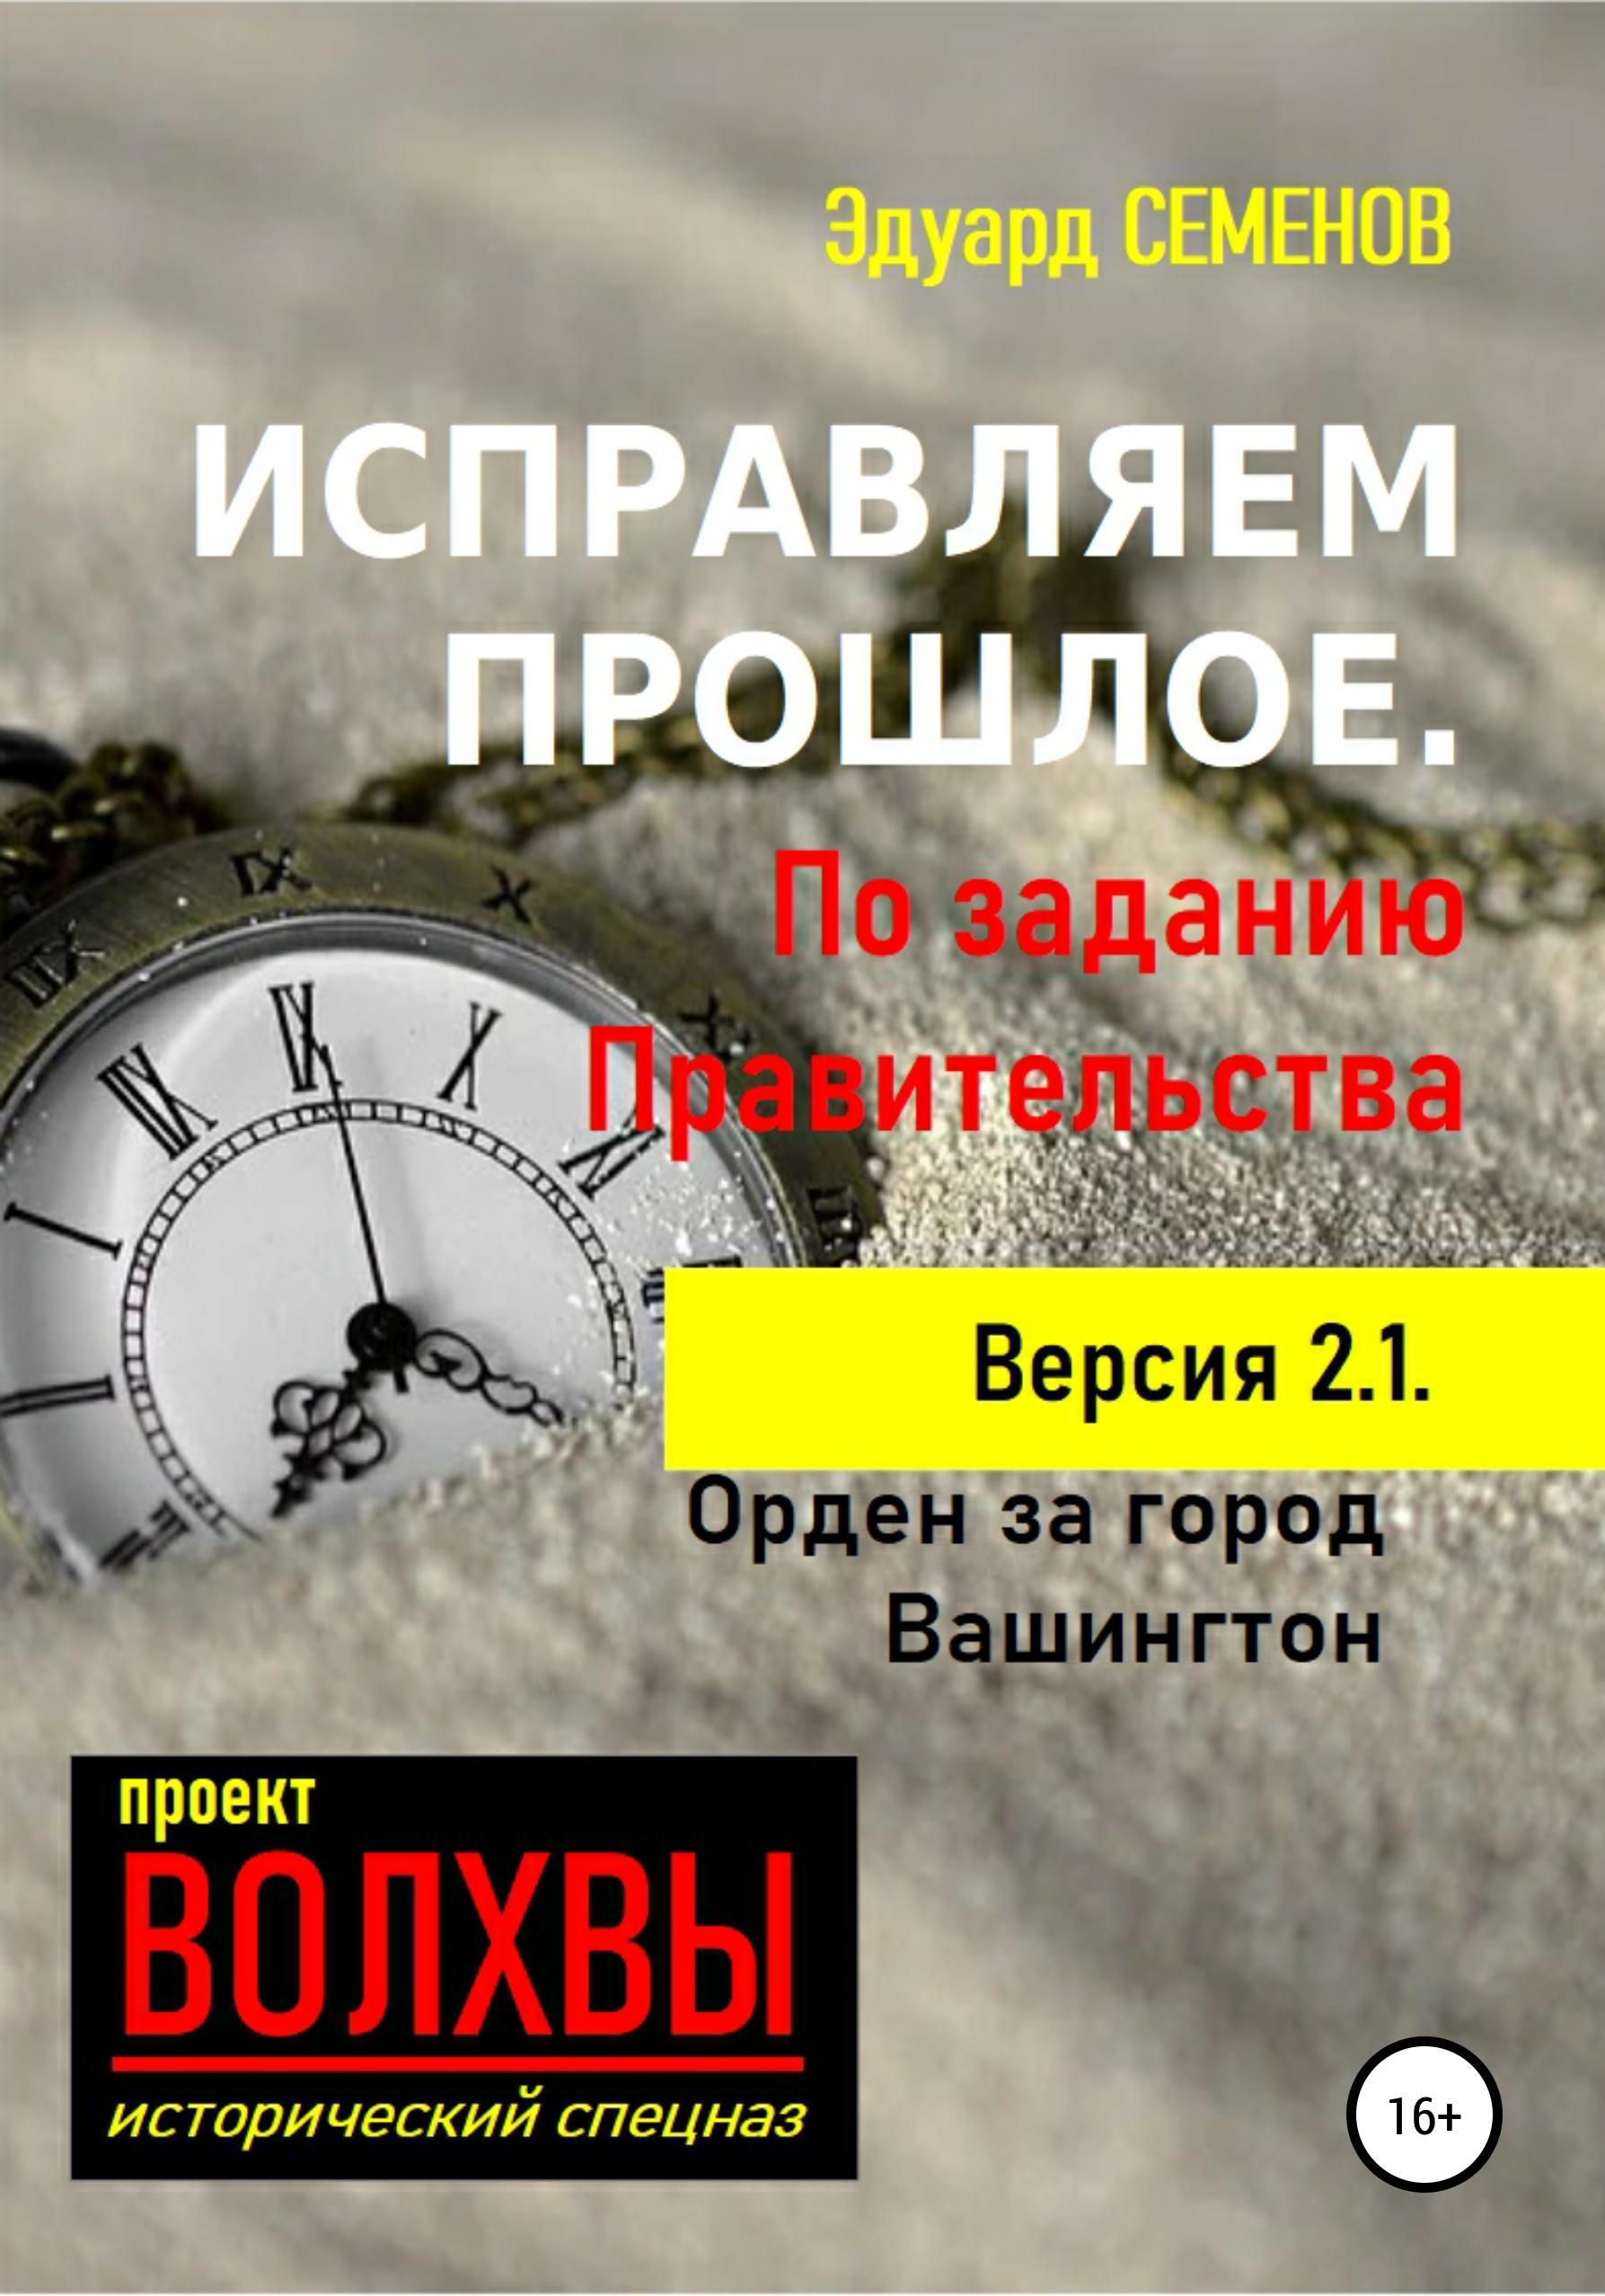 Эдуард Евгеньевич Семенов Волхвы. Белая кошка цена 2017